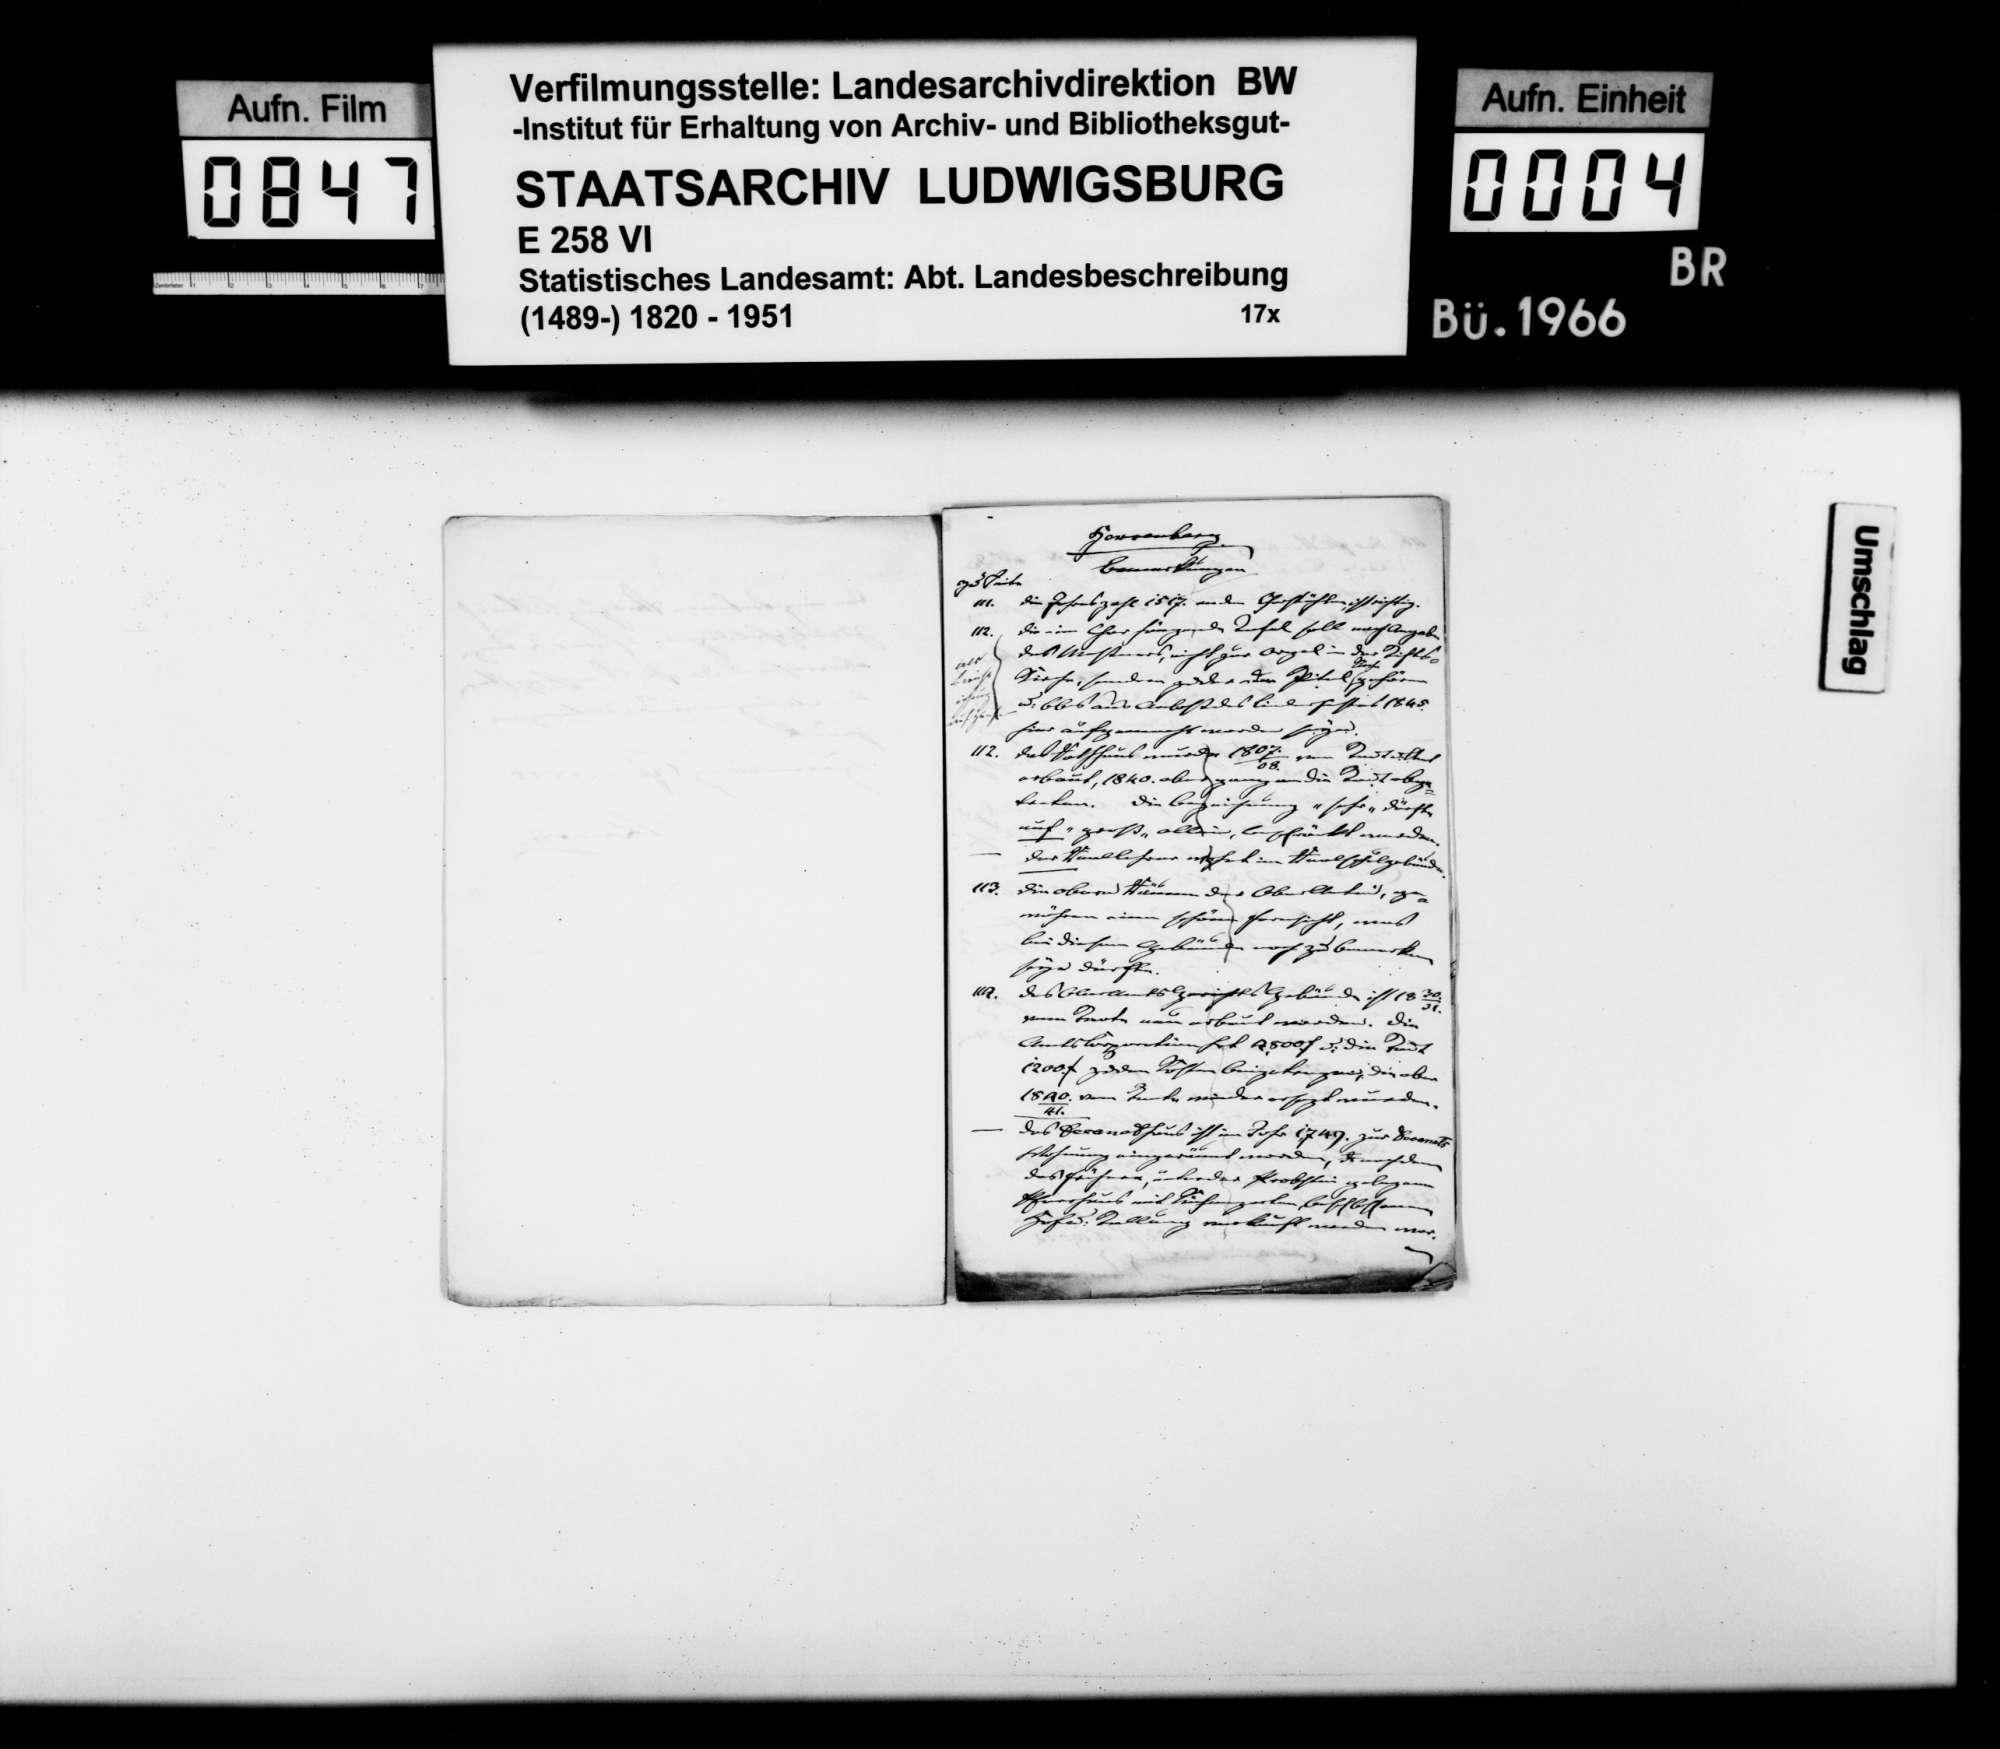 Korrekturen und Ergänzungen zum Manuskript der OAB durch Oberamtmann Kausler sowie verschiedene Auskünfte zu offenen Fragen der Ortsbeschreibung, Bild 3